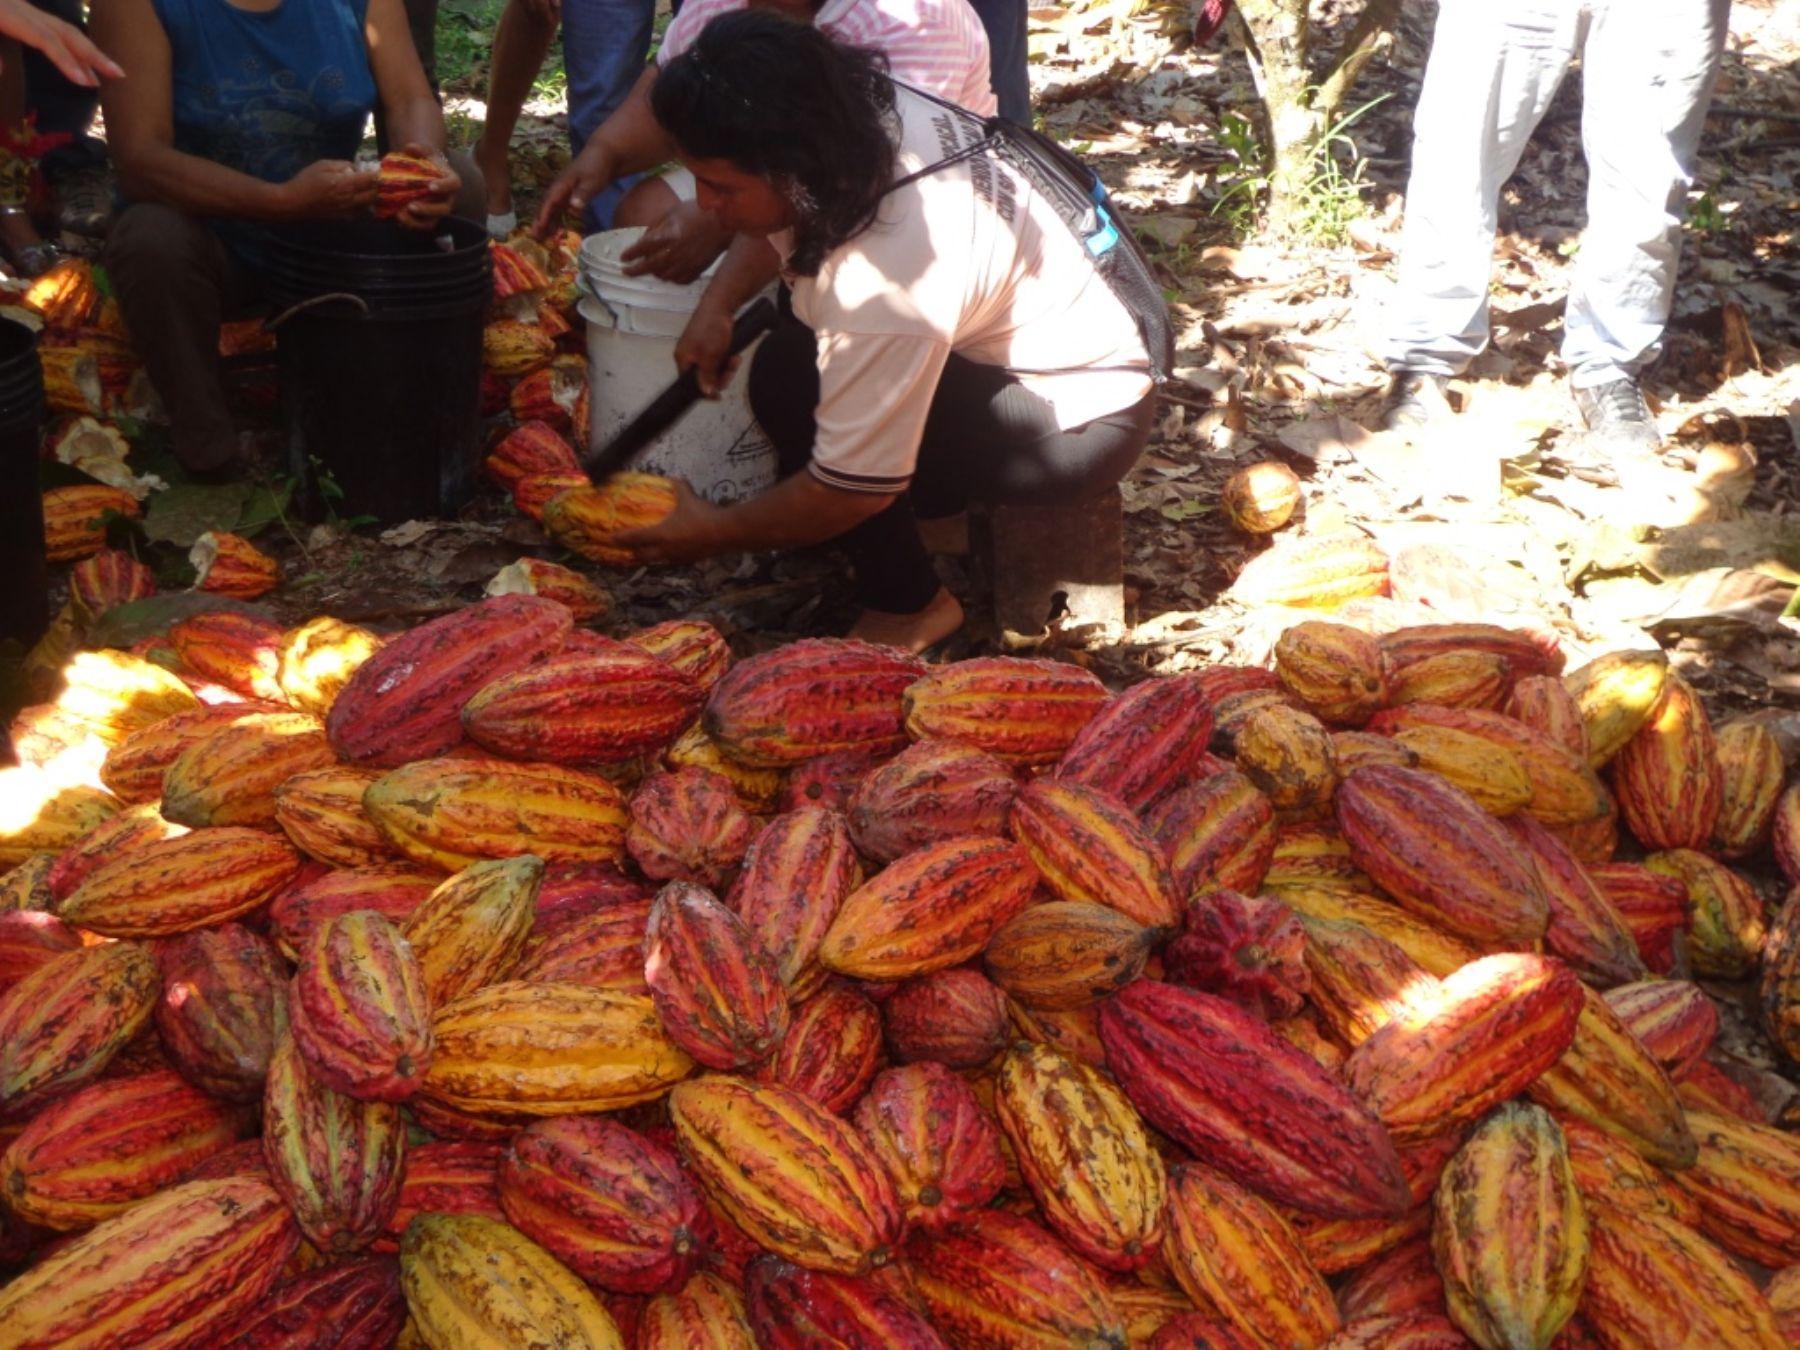 Peruvian cocoa